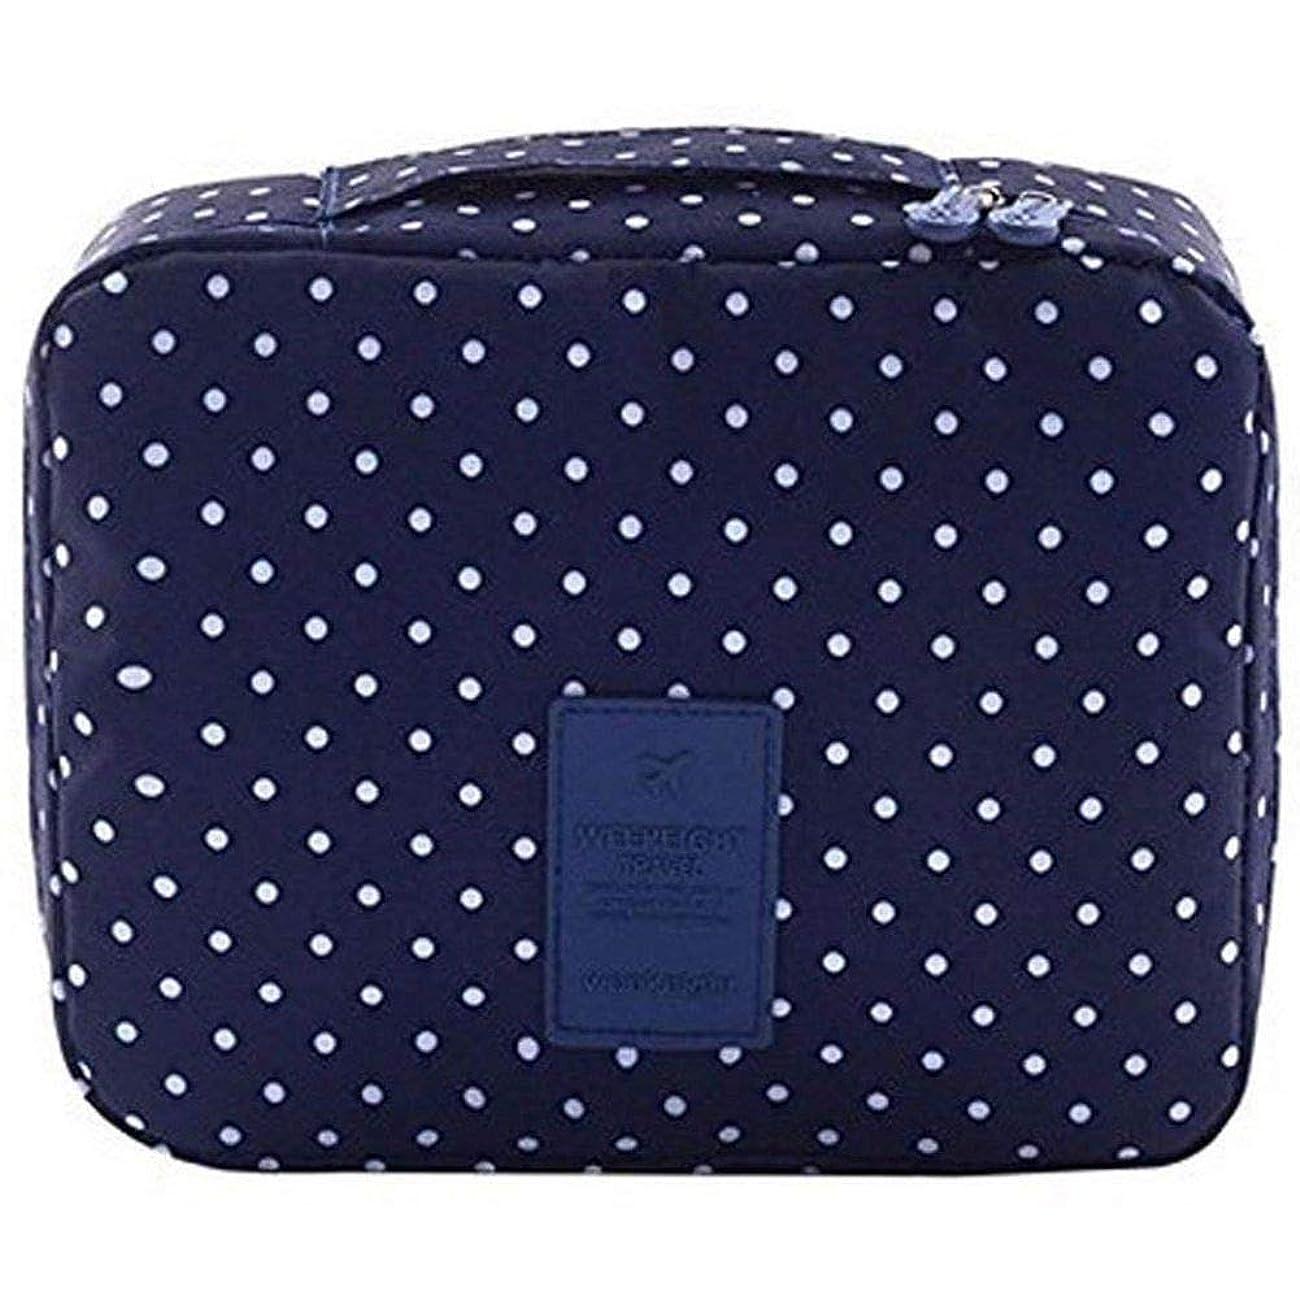 影響を受けやすいです落ち着いた矢Semoic 旅行化粧品バッグ印刷多機能ポータブルトイレタリーバッグ化粧品メイクポーチ旅行用のケースオーガナイザー(海軍サークル)